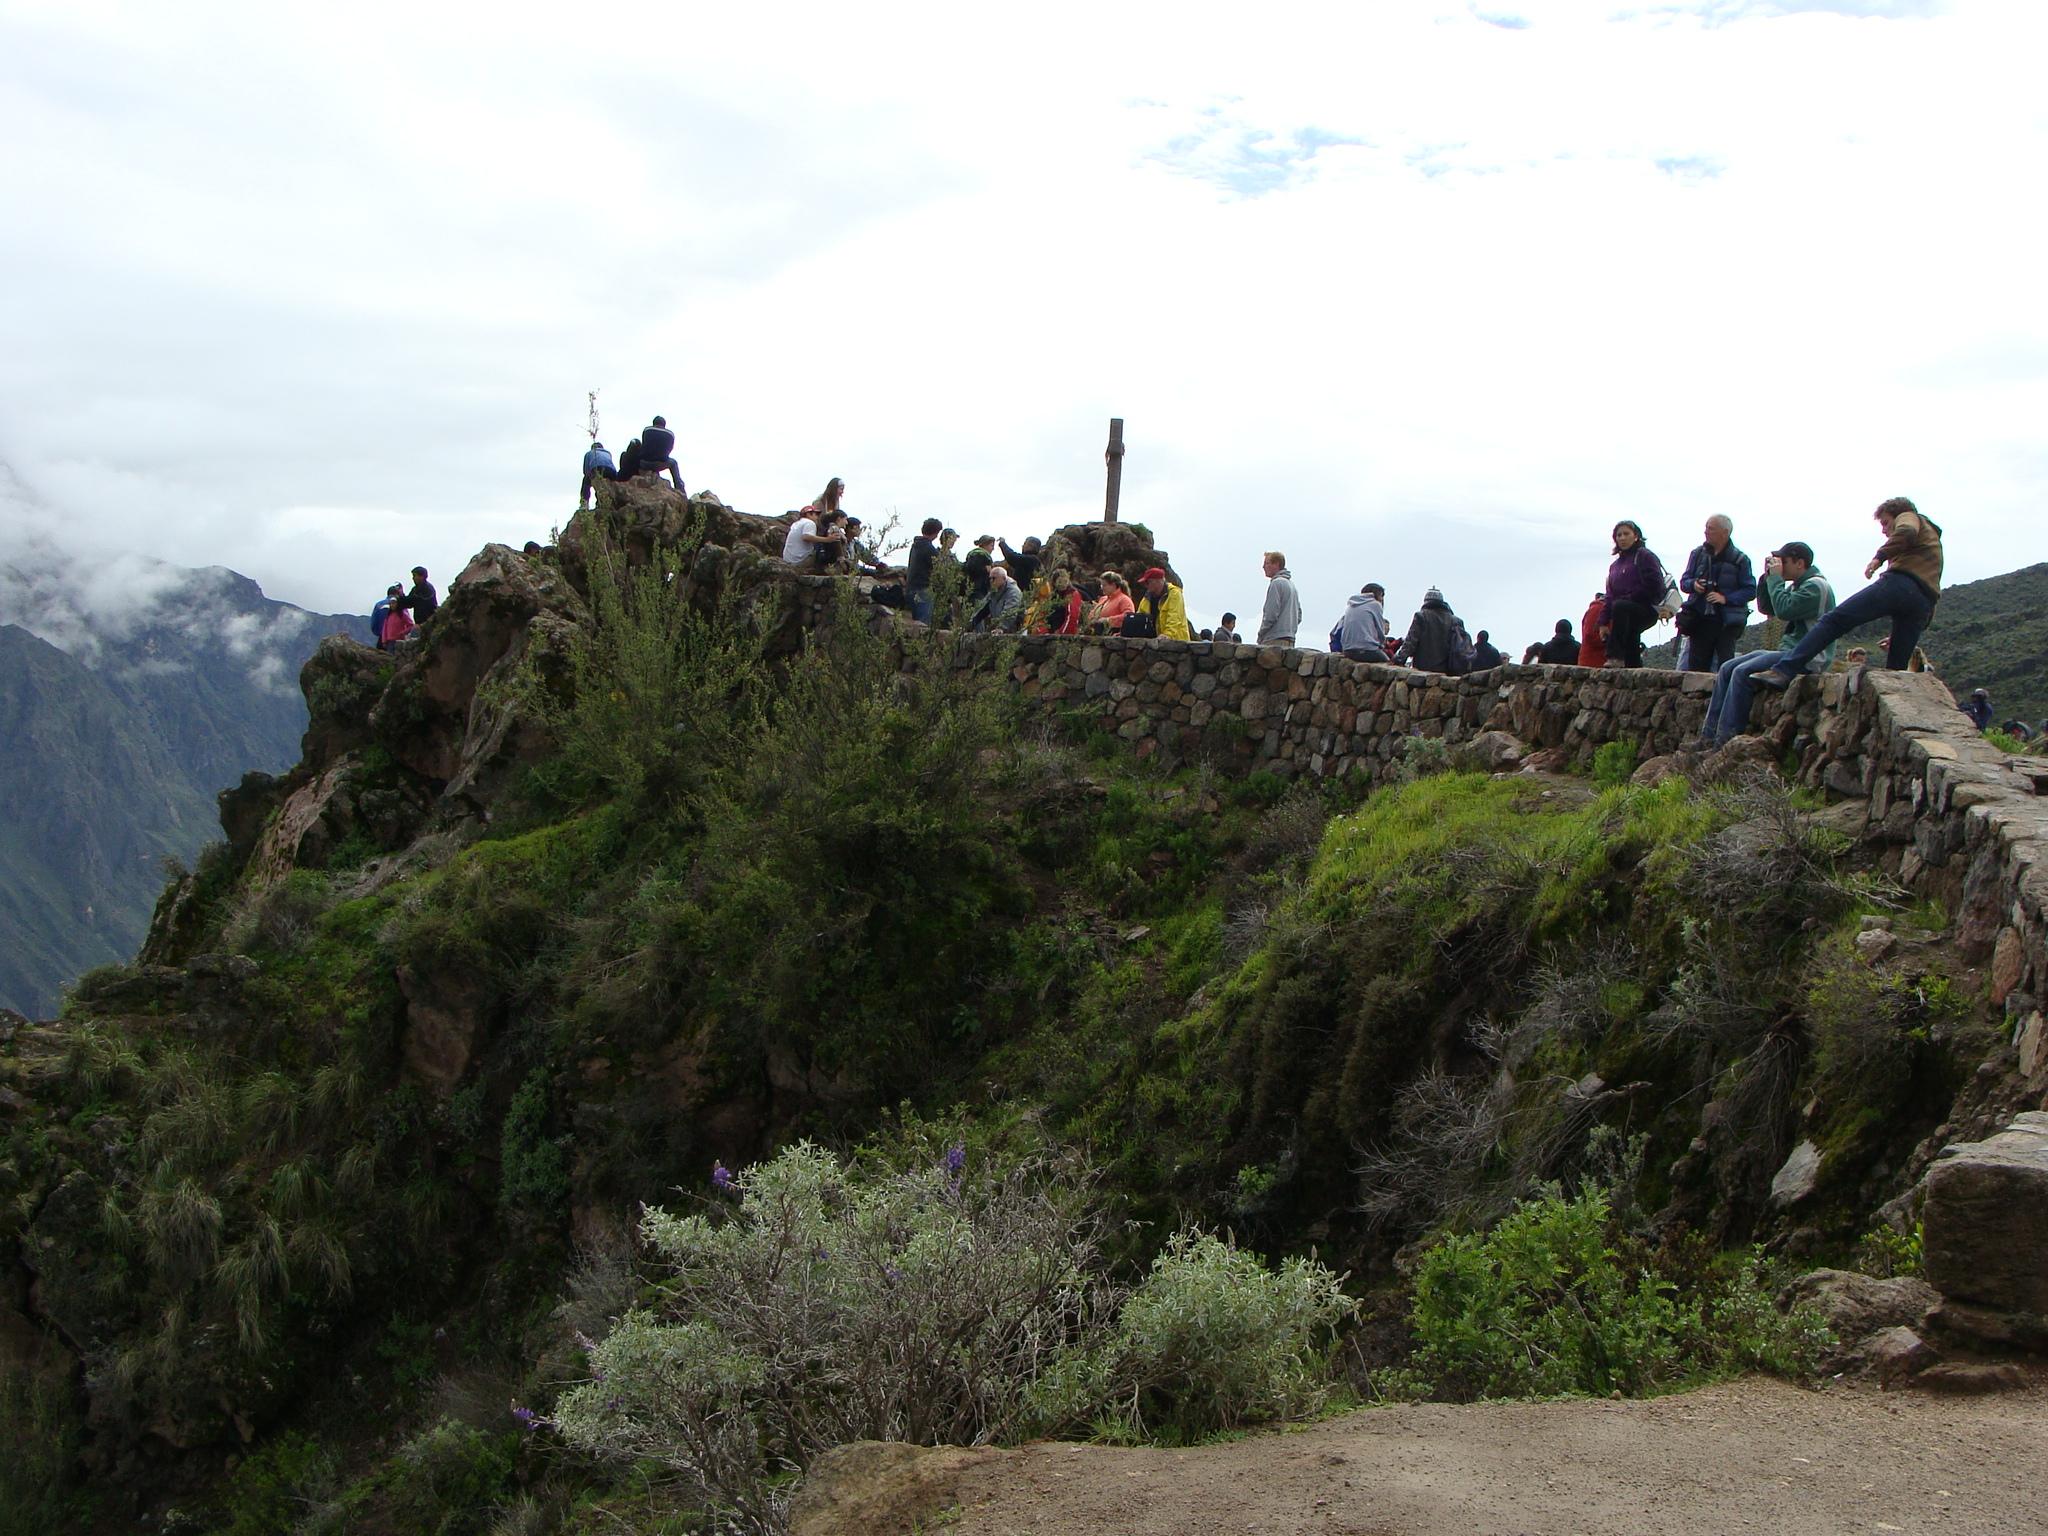 Kaňon Colca - Cruz del Condor - davy turistů vyhlížejí největšího ptáka na světě - kondora andského dne 19. 2. 2011